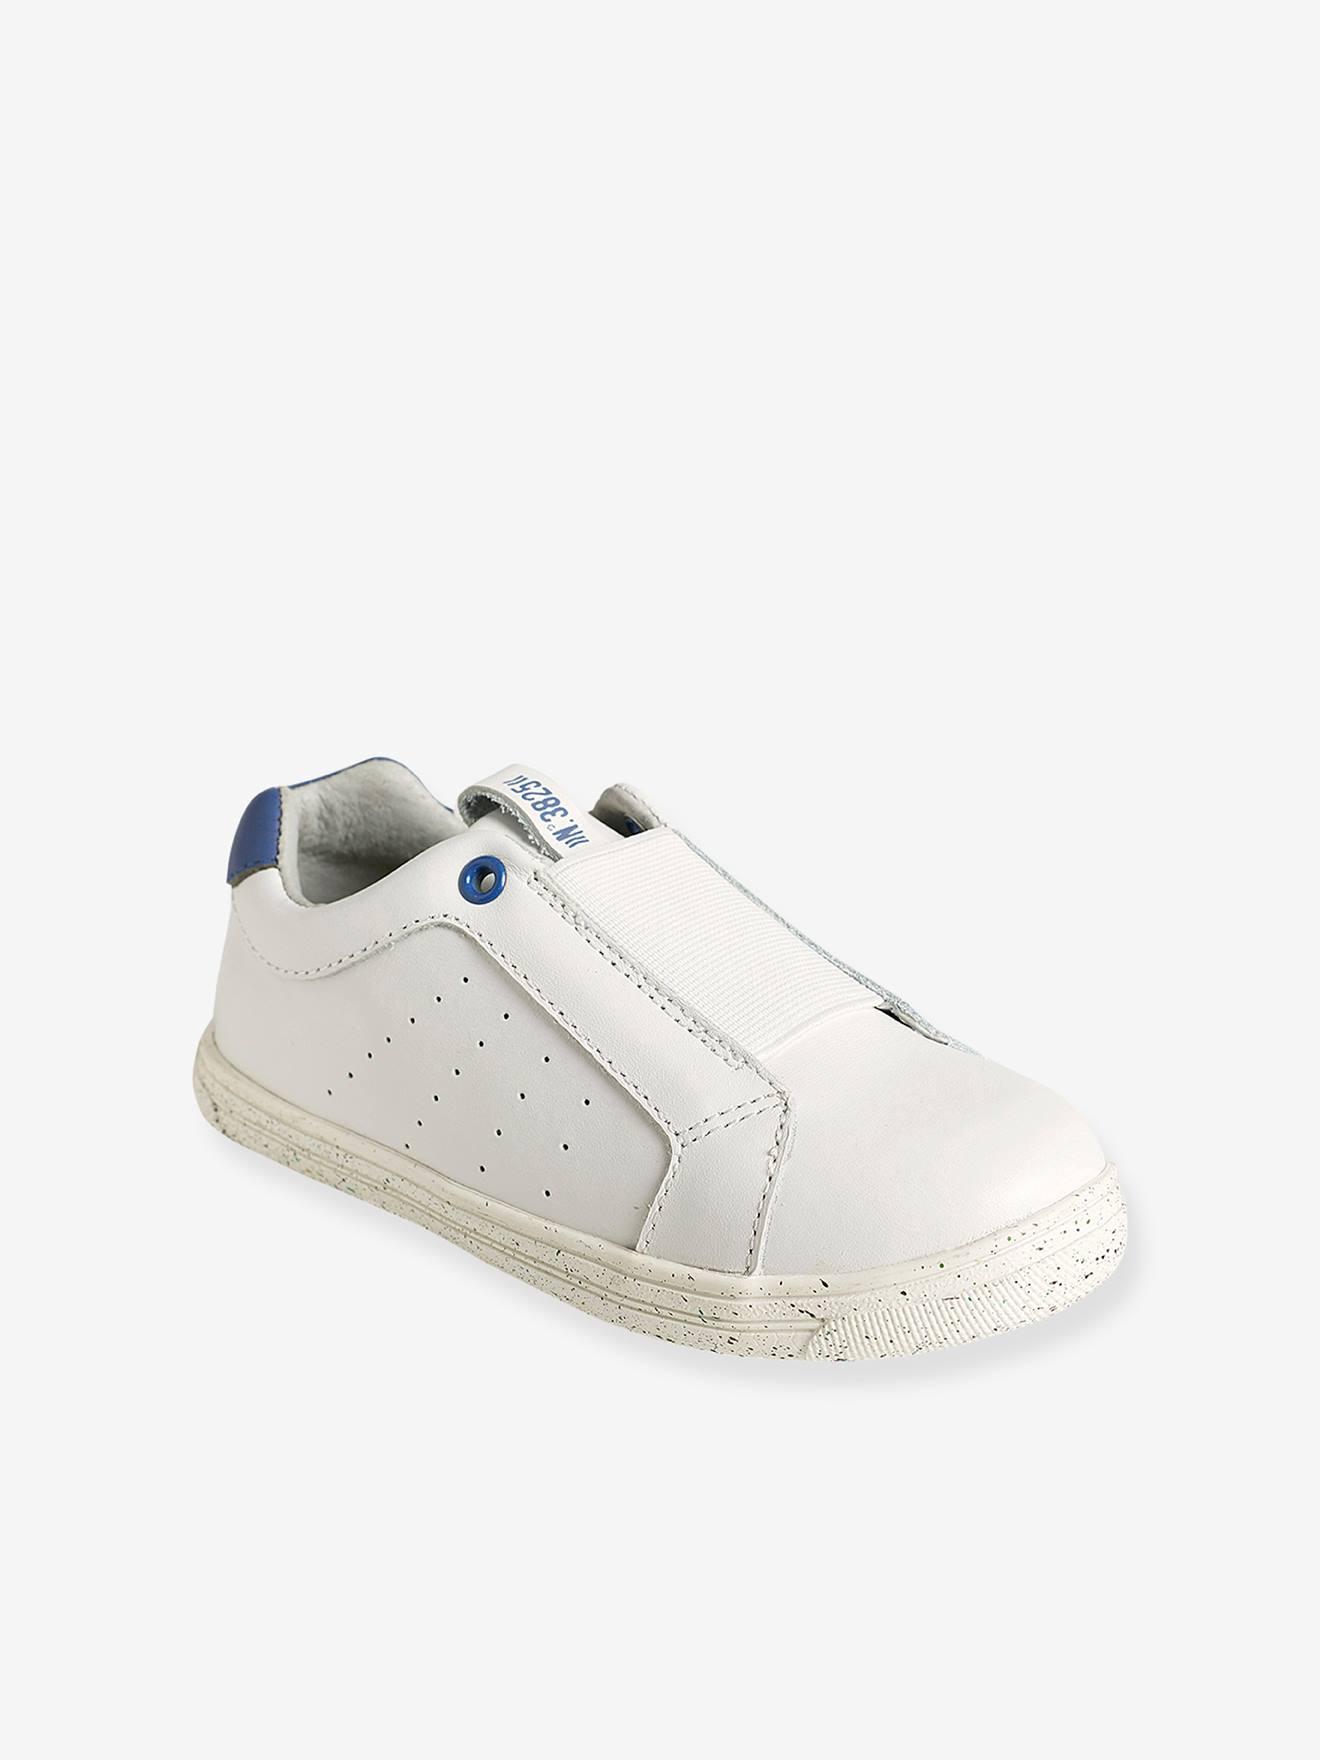 Imprim/é d/étoiles Blanches Bobux Semelles Souples Chaussures b/éb/é